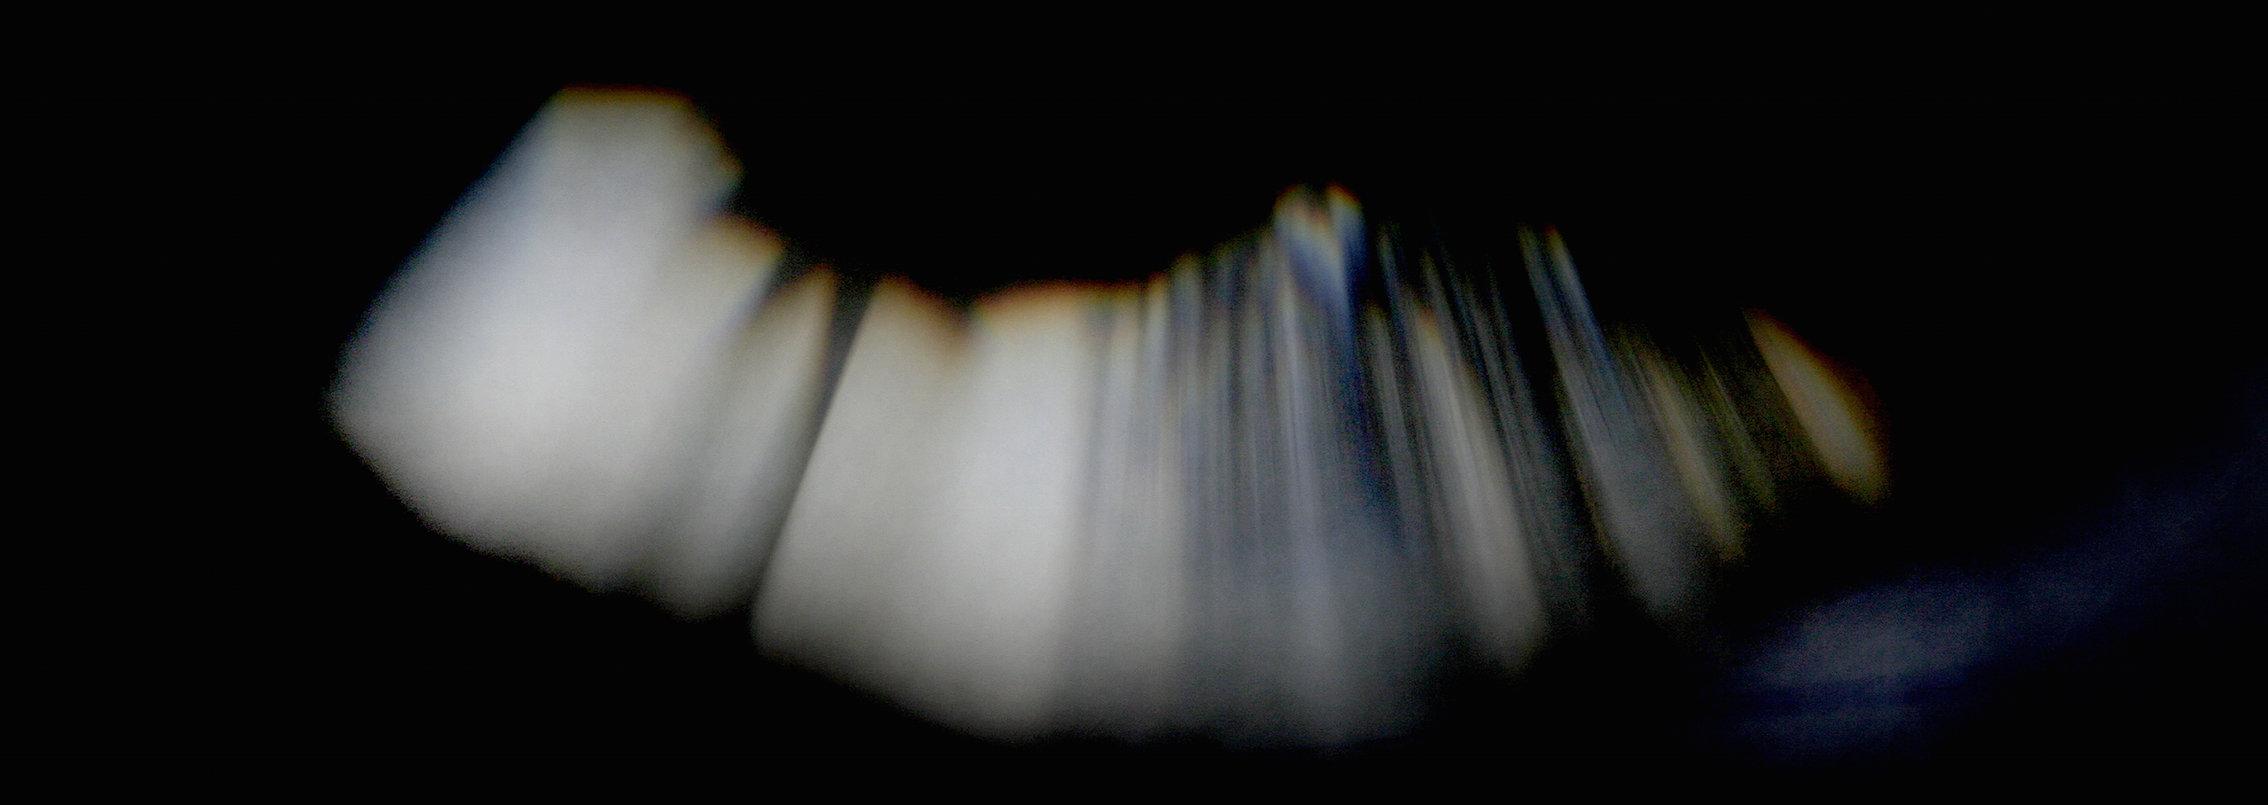 _MG_0816crop001.jpg